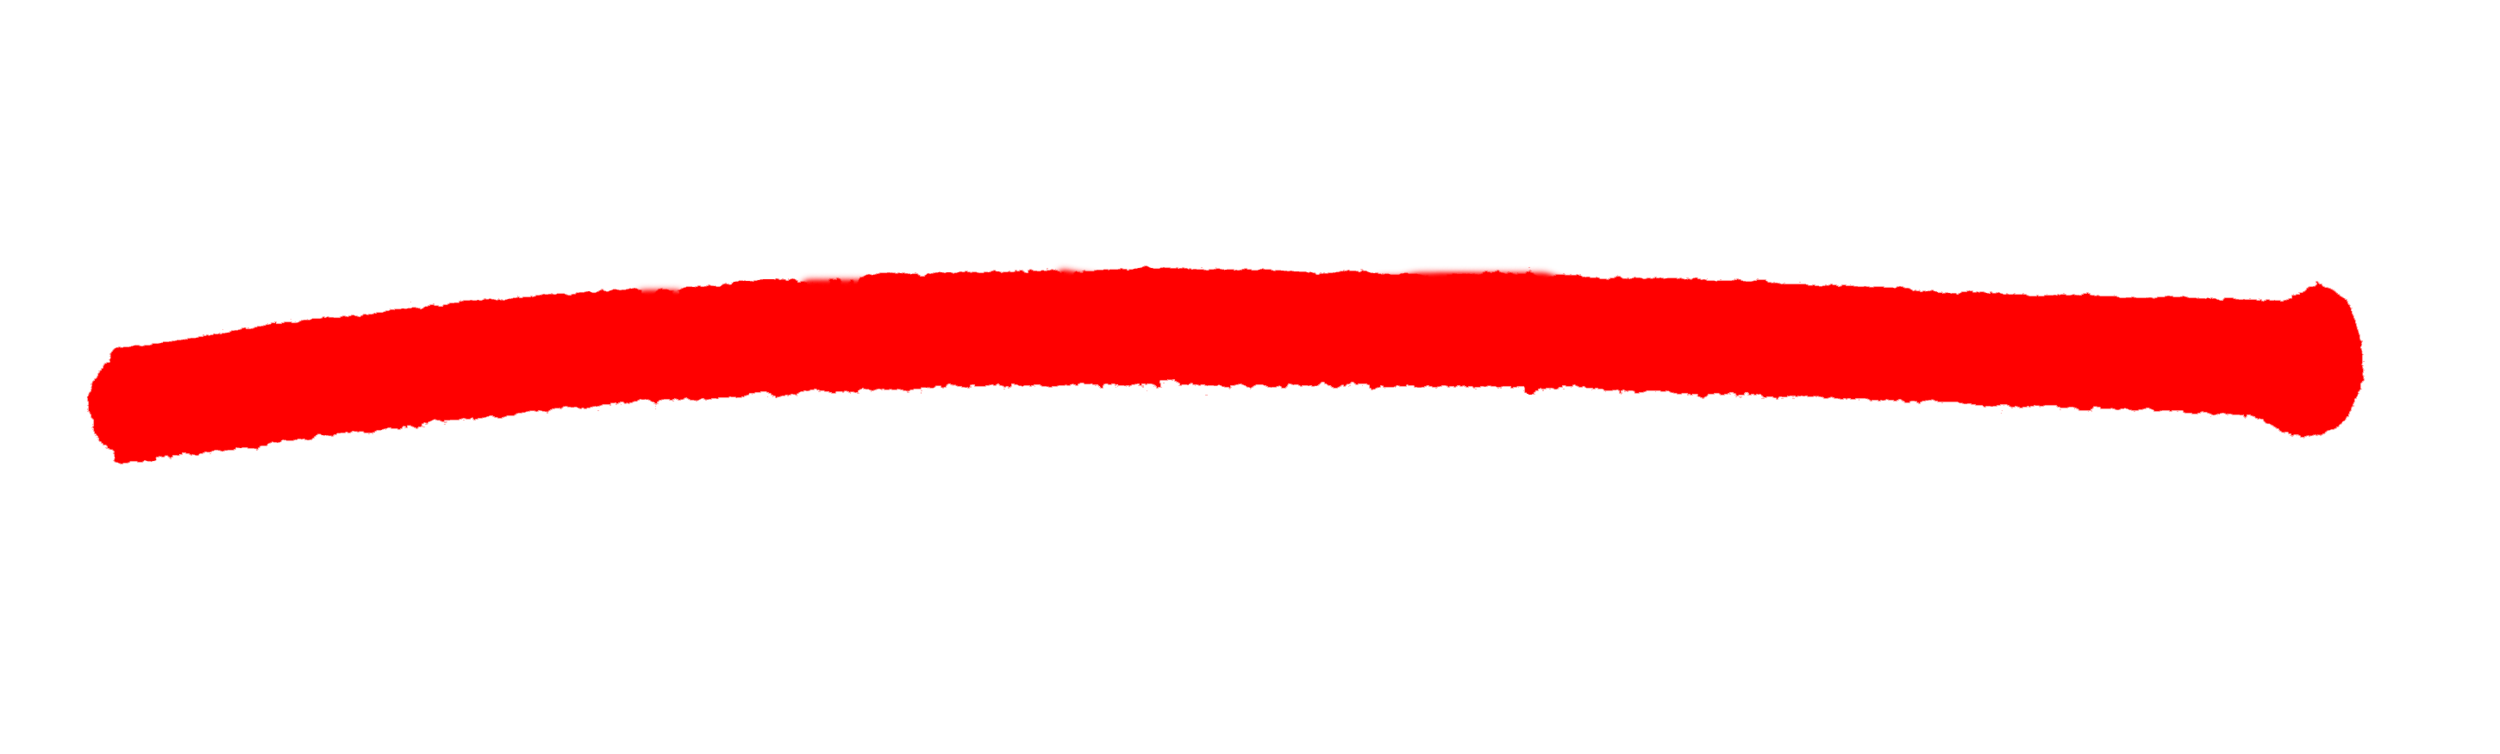 акта красная линия картинка на прозрачном фоне этом стоимость панелей